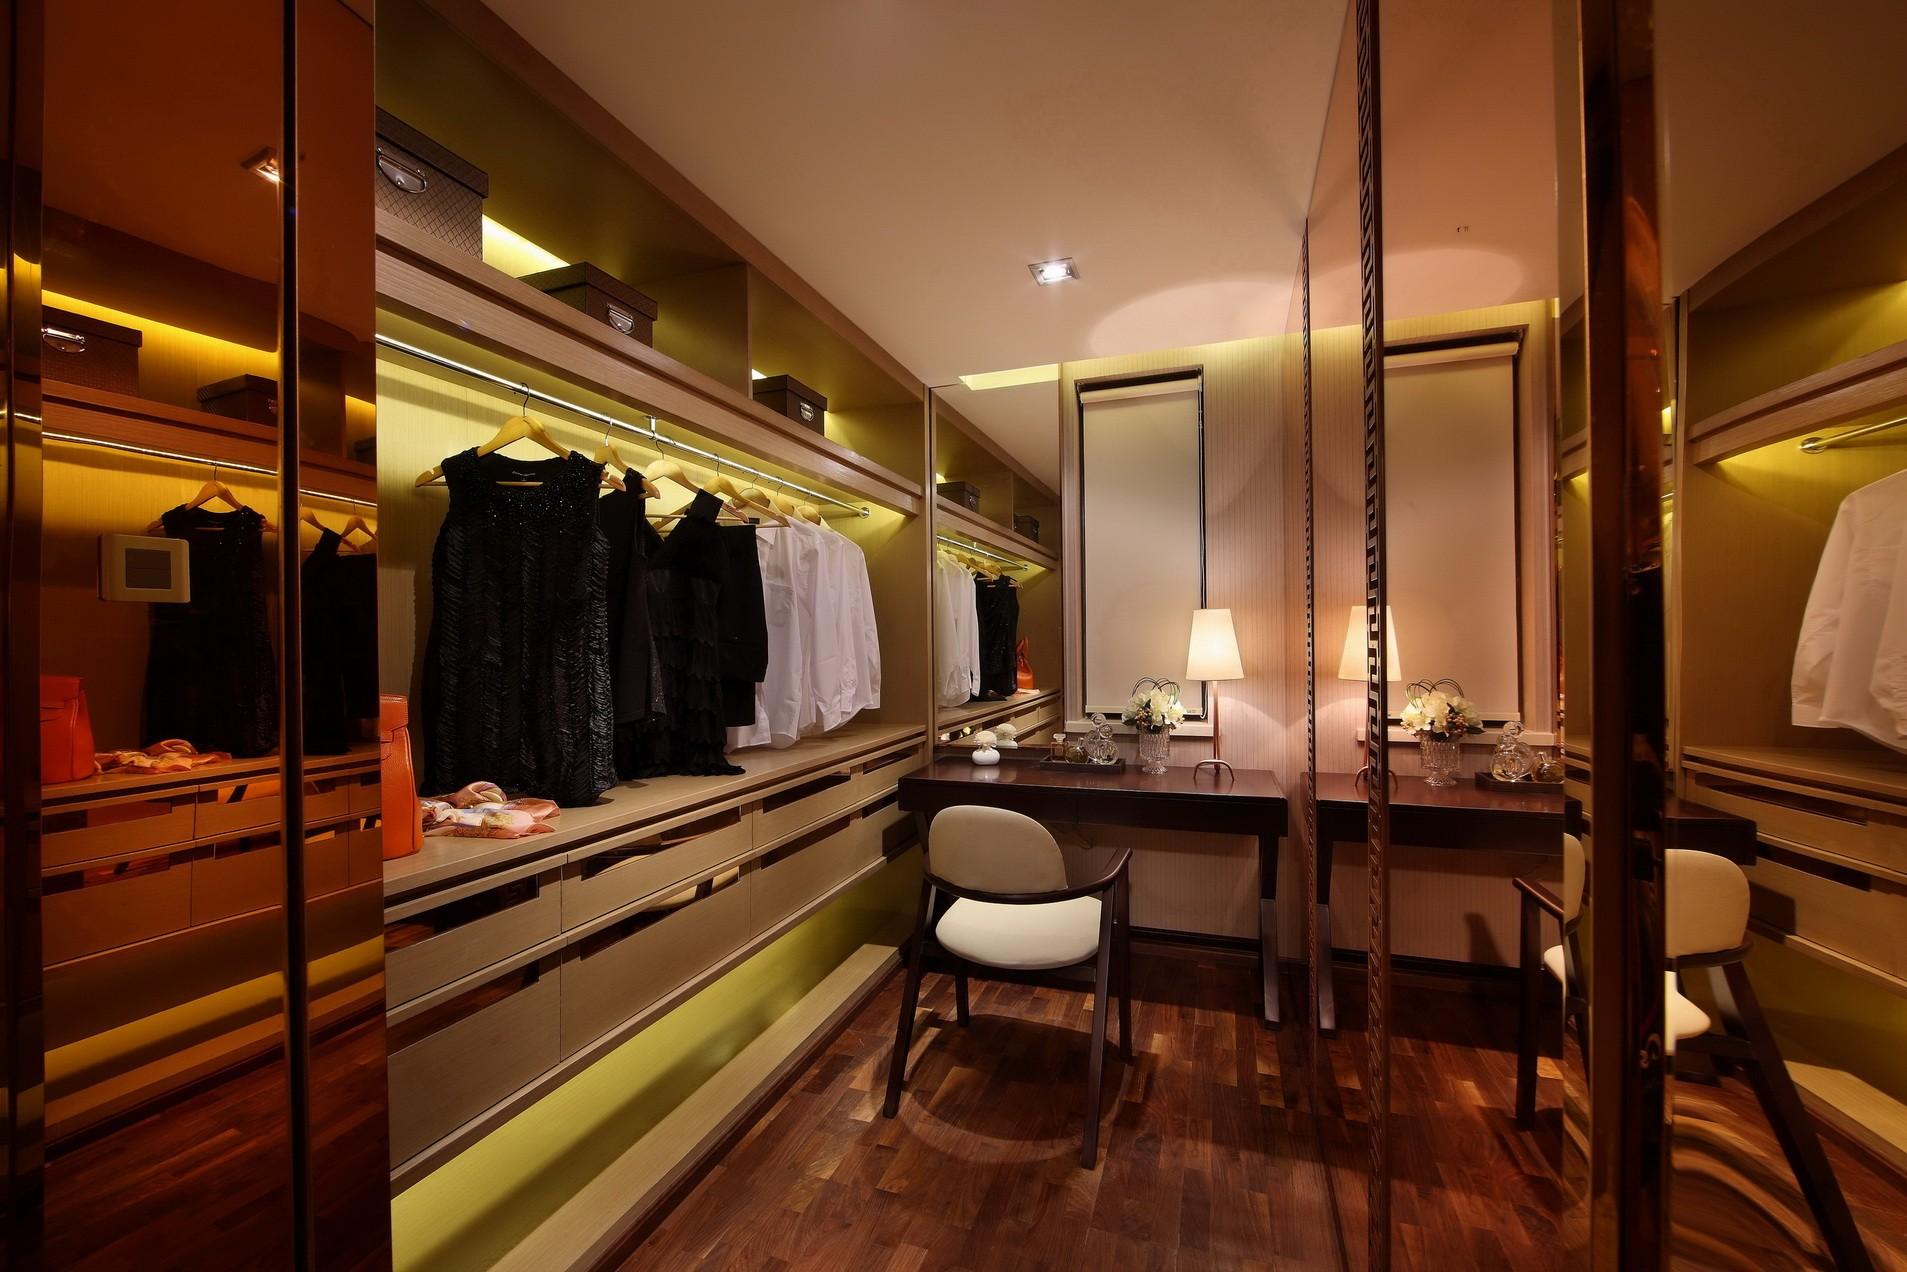 书房兼衣帽间设计,墙面金色反光材质,给人空间上的延伸,同时营造空间文雅又颇有质感。